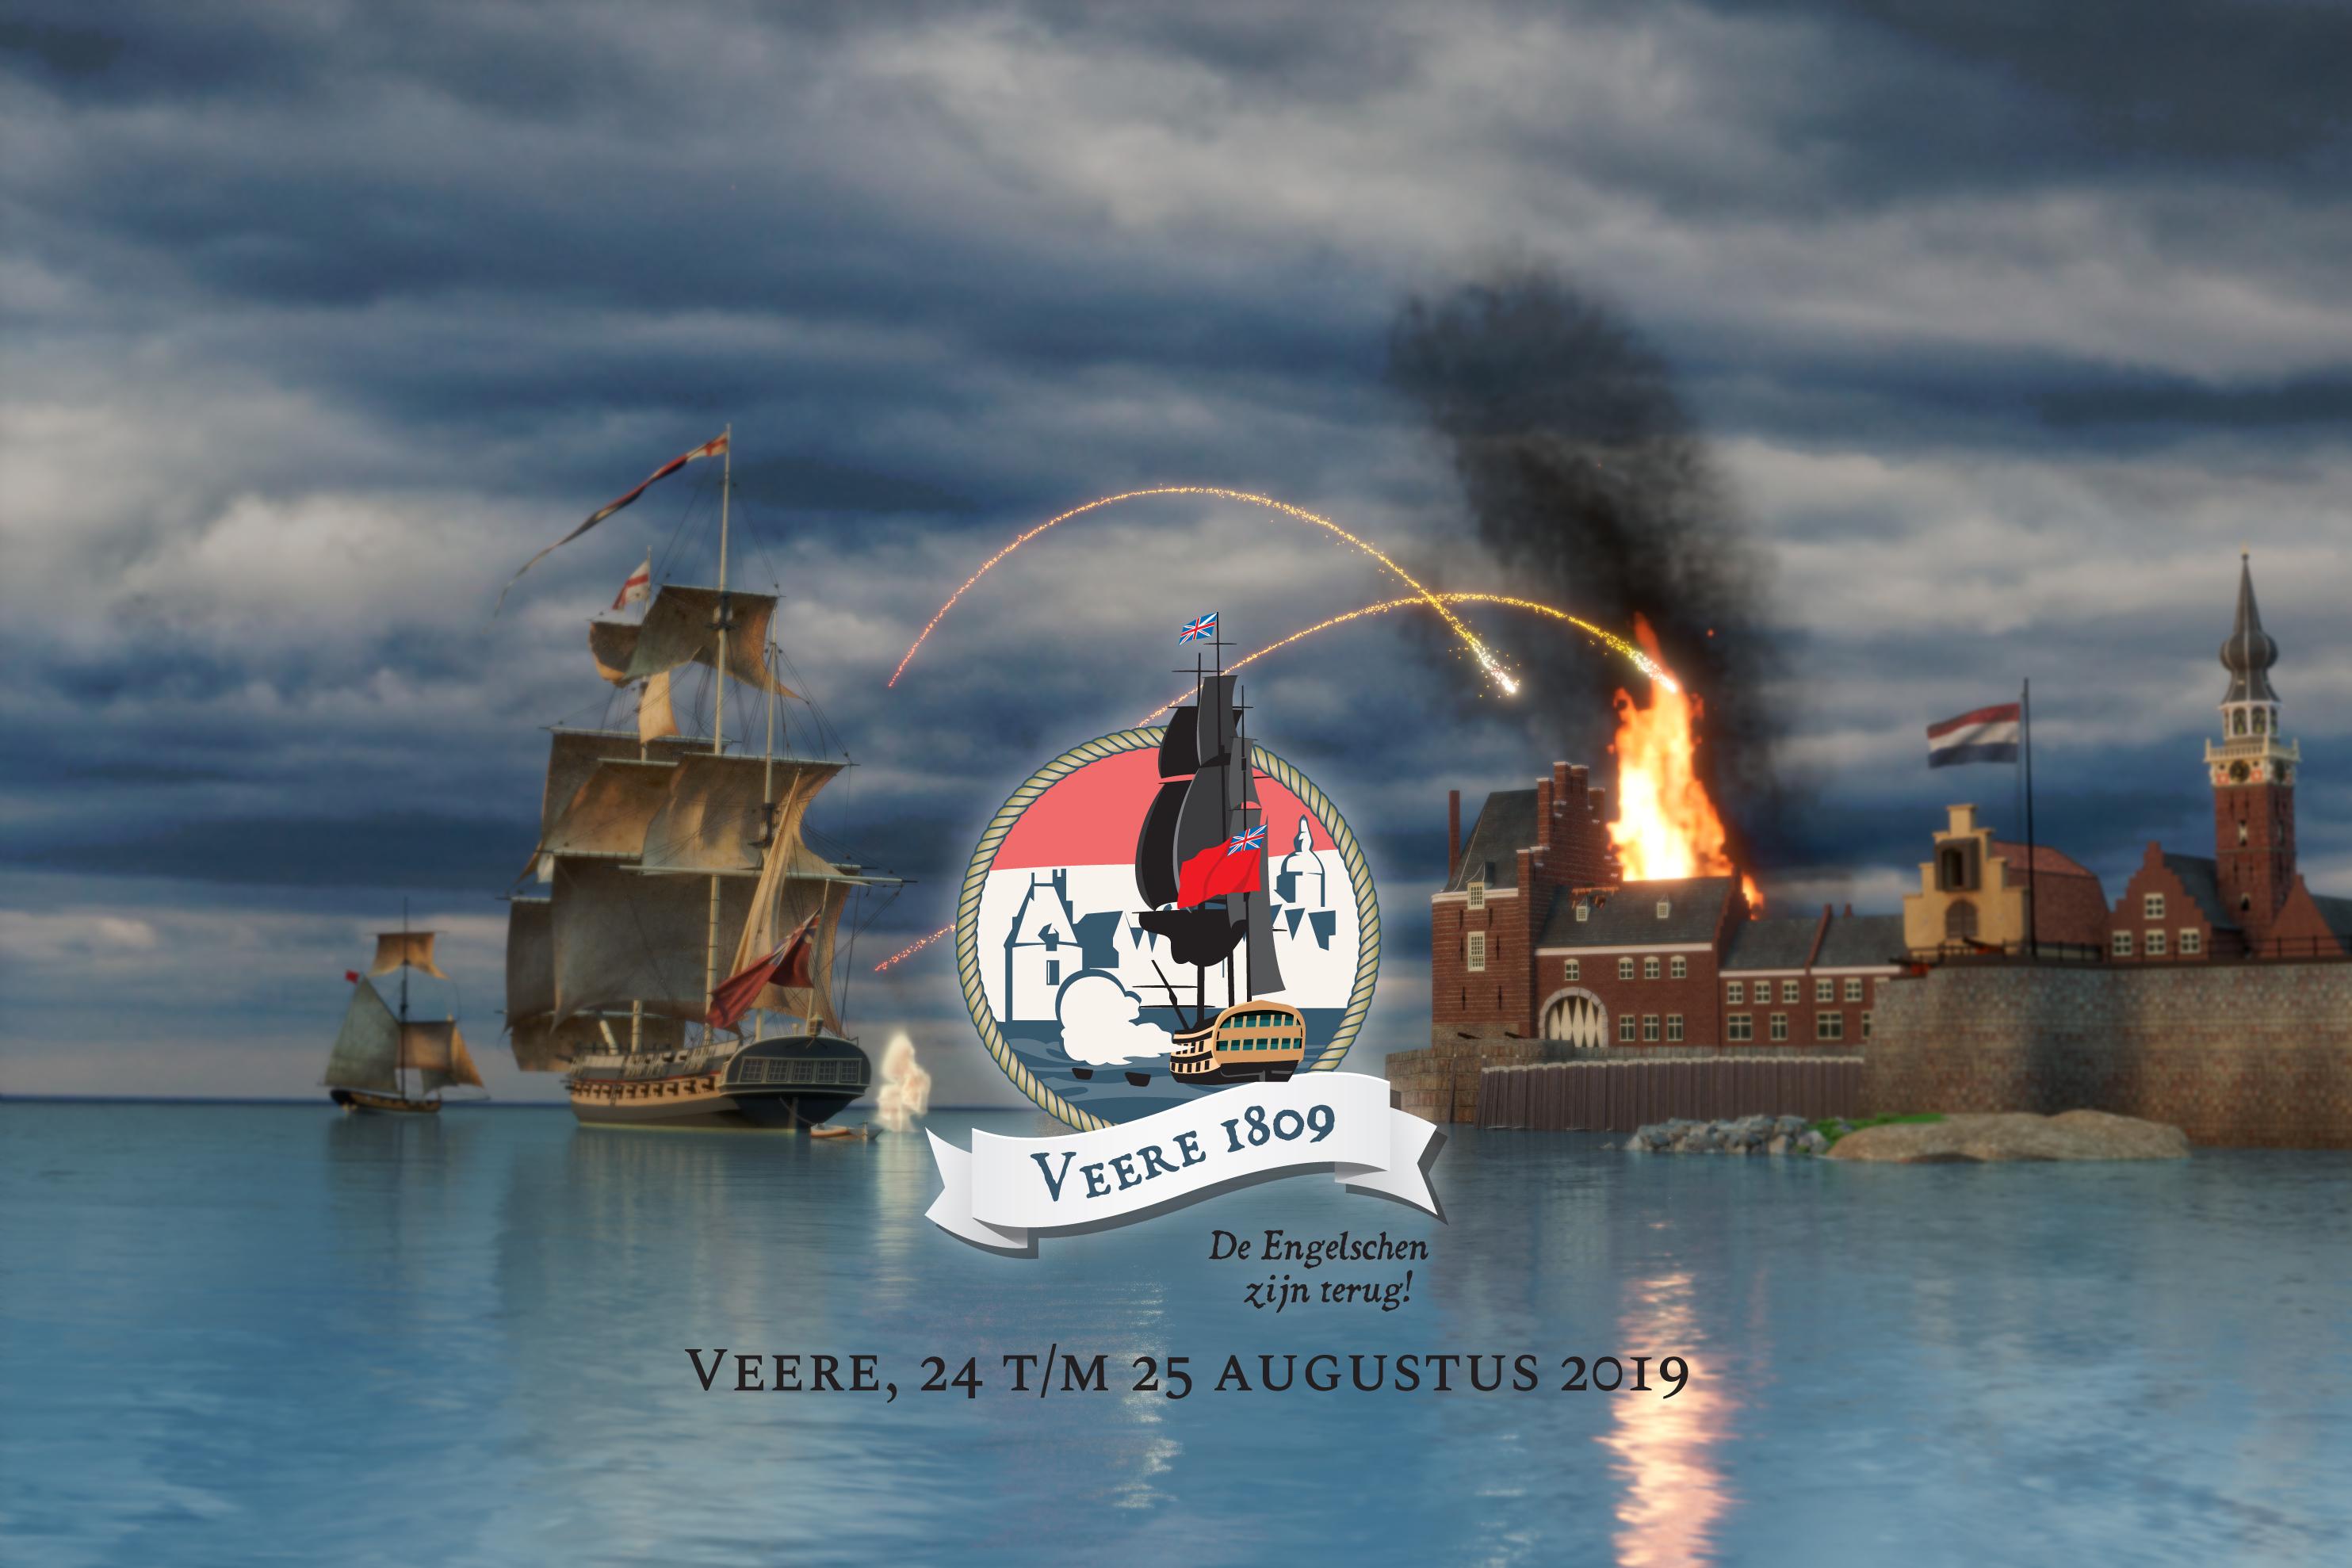 Veere1809 - Engelse Expeditie Walcheren Campaign - Koninklijke Marine - British Navy - Napoleon - Equipage De Delft - Veerse Meer - Campveerse Toren - Holland -